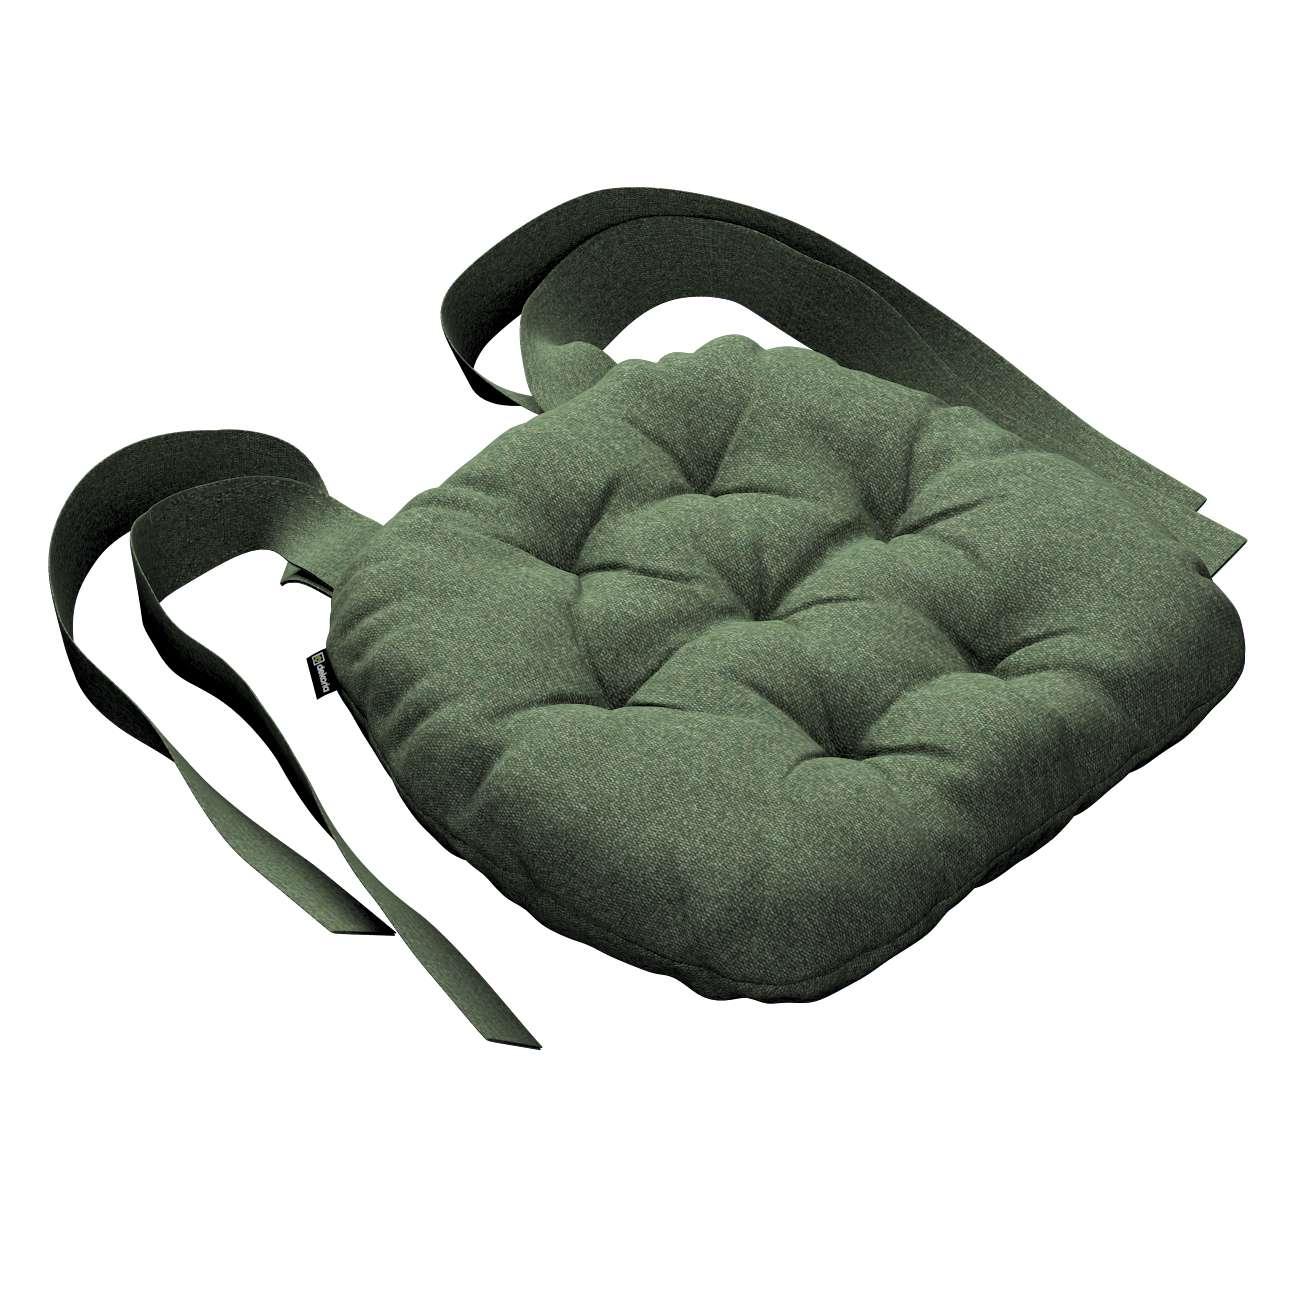 Siedzisko Marcin na krzesło w kolekcji Amsterdam, tkanina: 704-44